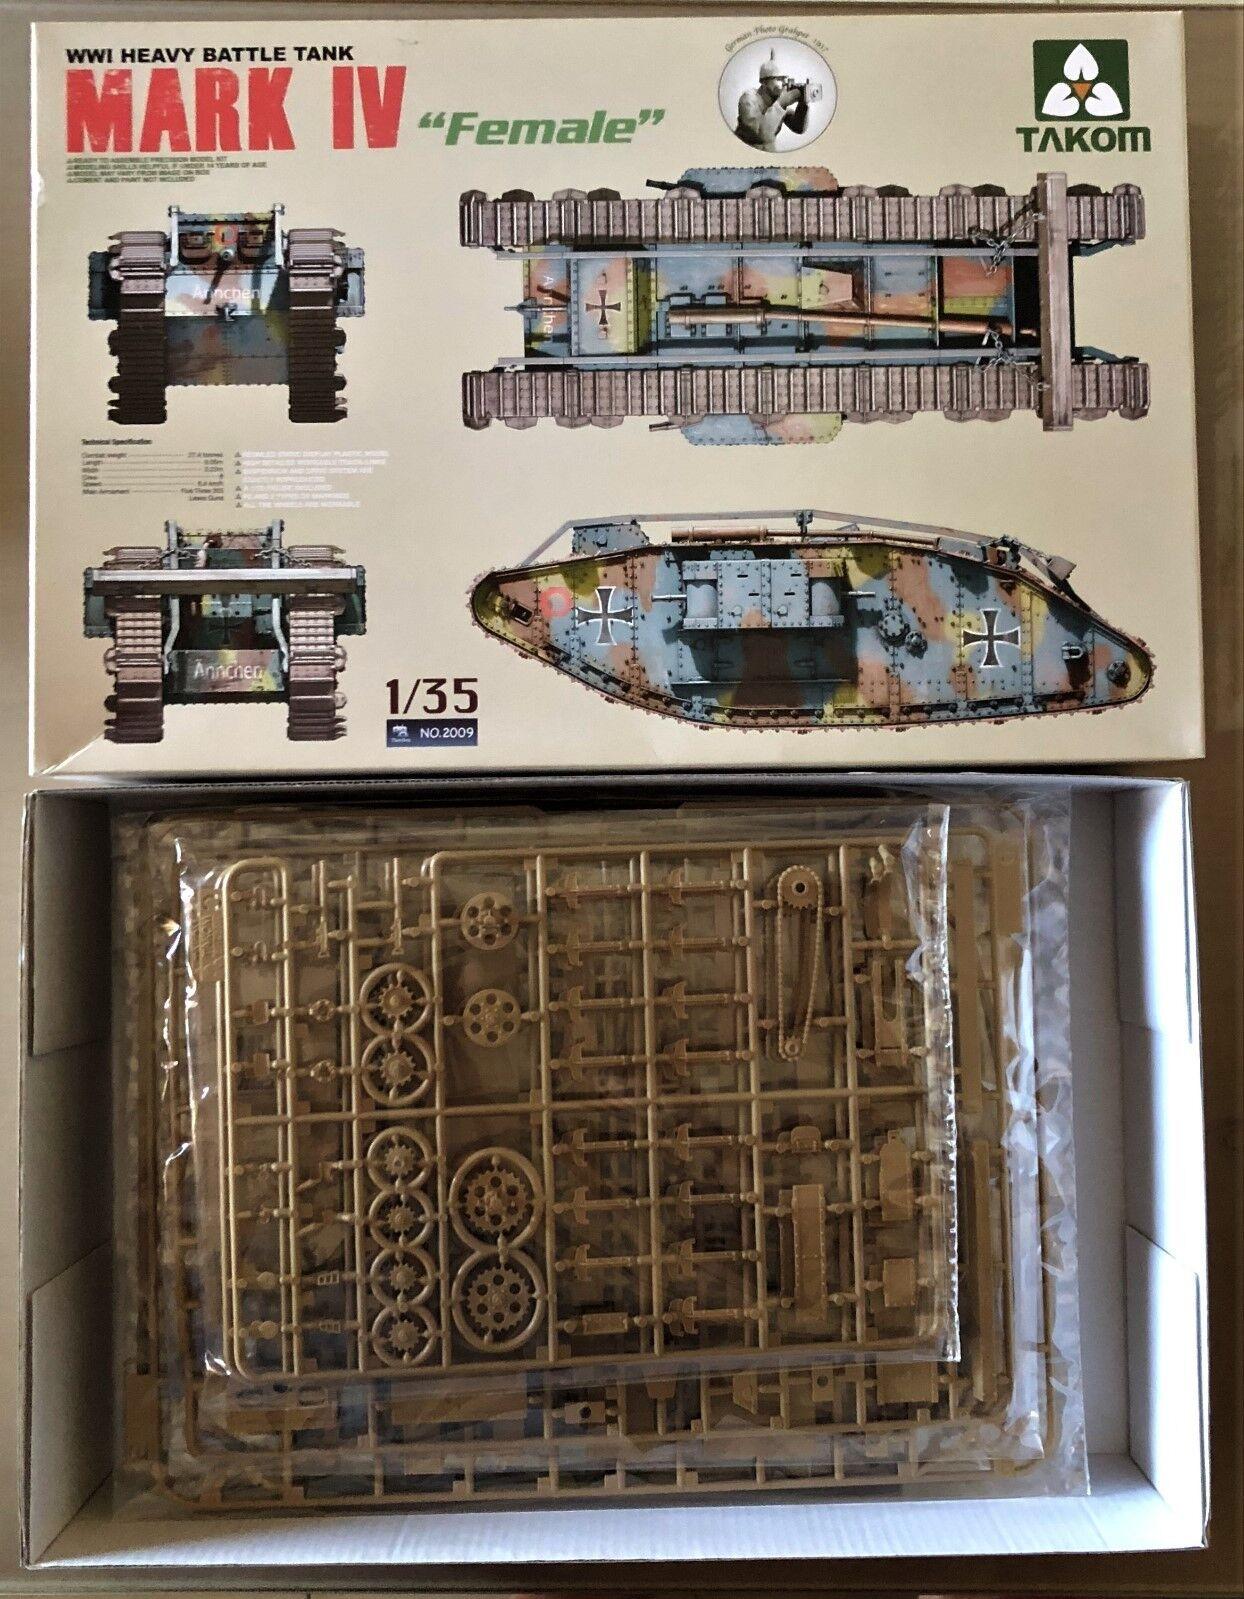 TAKOM 2009 - Mk.IV FEMALE  WWI HEAVY BATTLE TANK - 1 35 PLASTIC KIT  livraison gratuite et rapide disponible